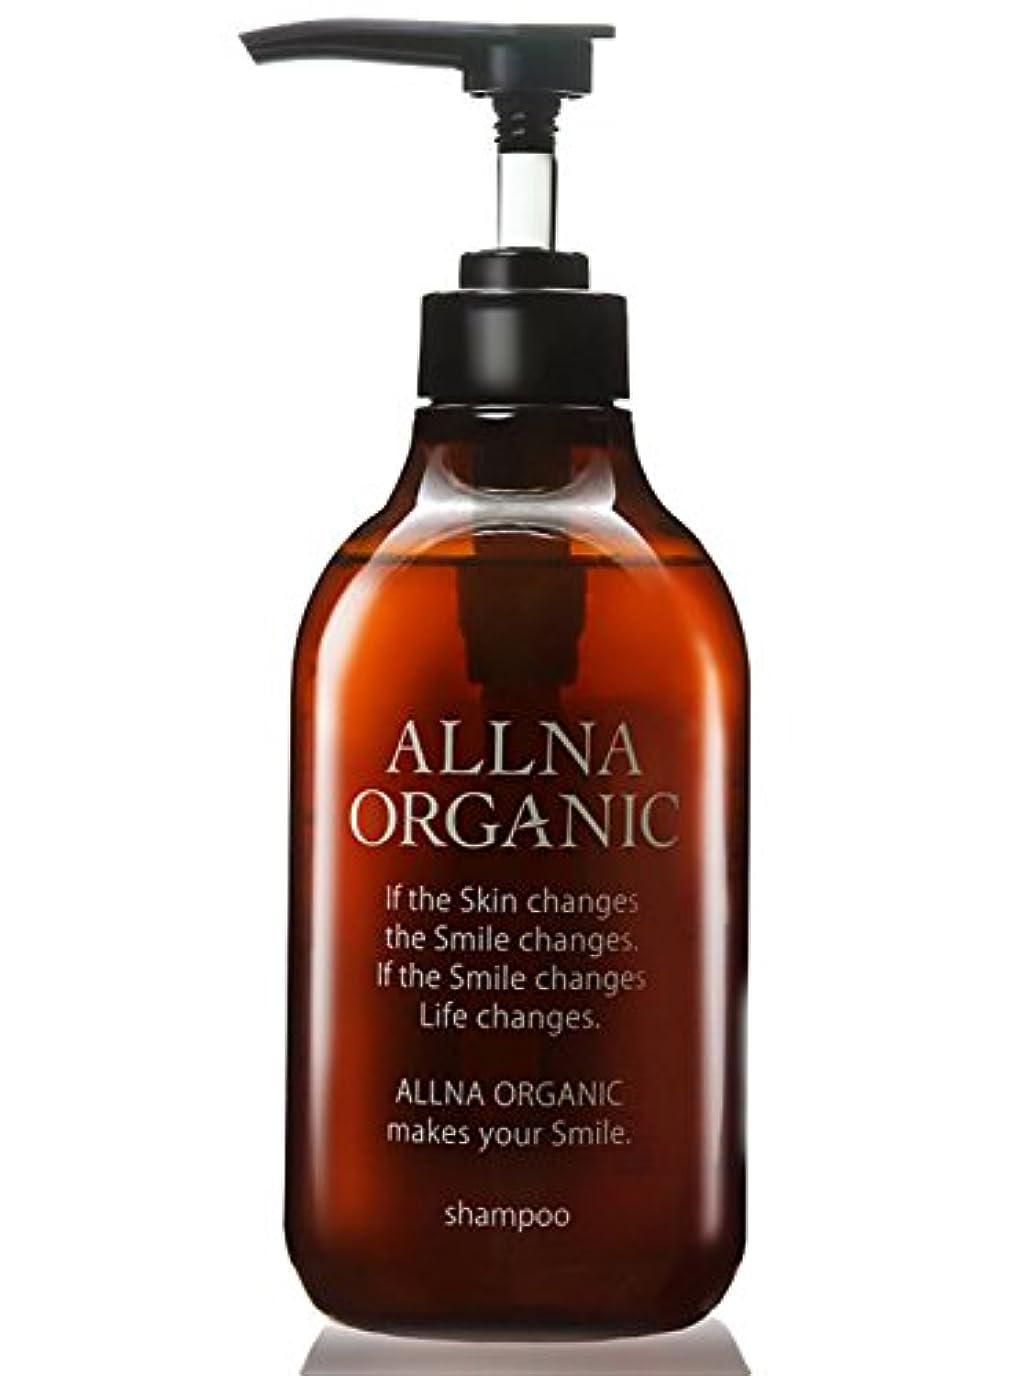 オルナ オーガニック シャンプー 無添加 ノンシリコン アミノ酸 無香料でボタニカルな香り「コラーゲン ヒアルロン酸 ビタミンC誘導体 セラミド 配合」500ml (シャンプー ポンプ)